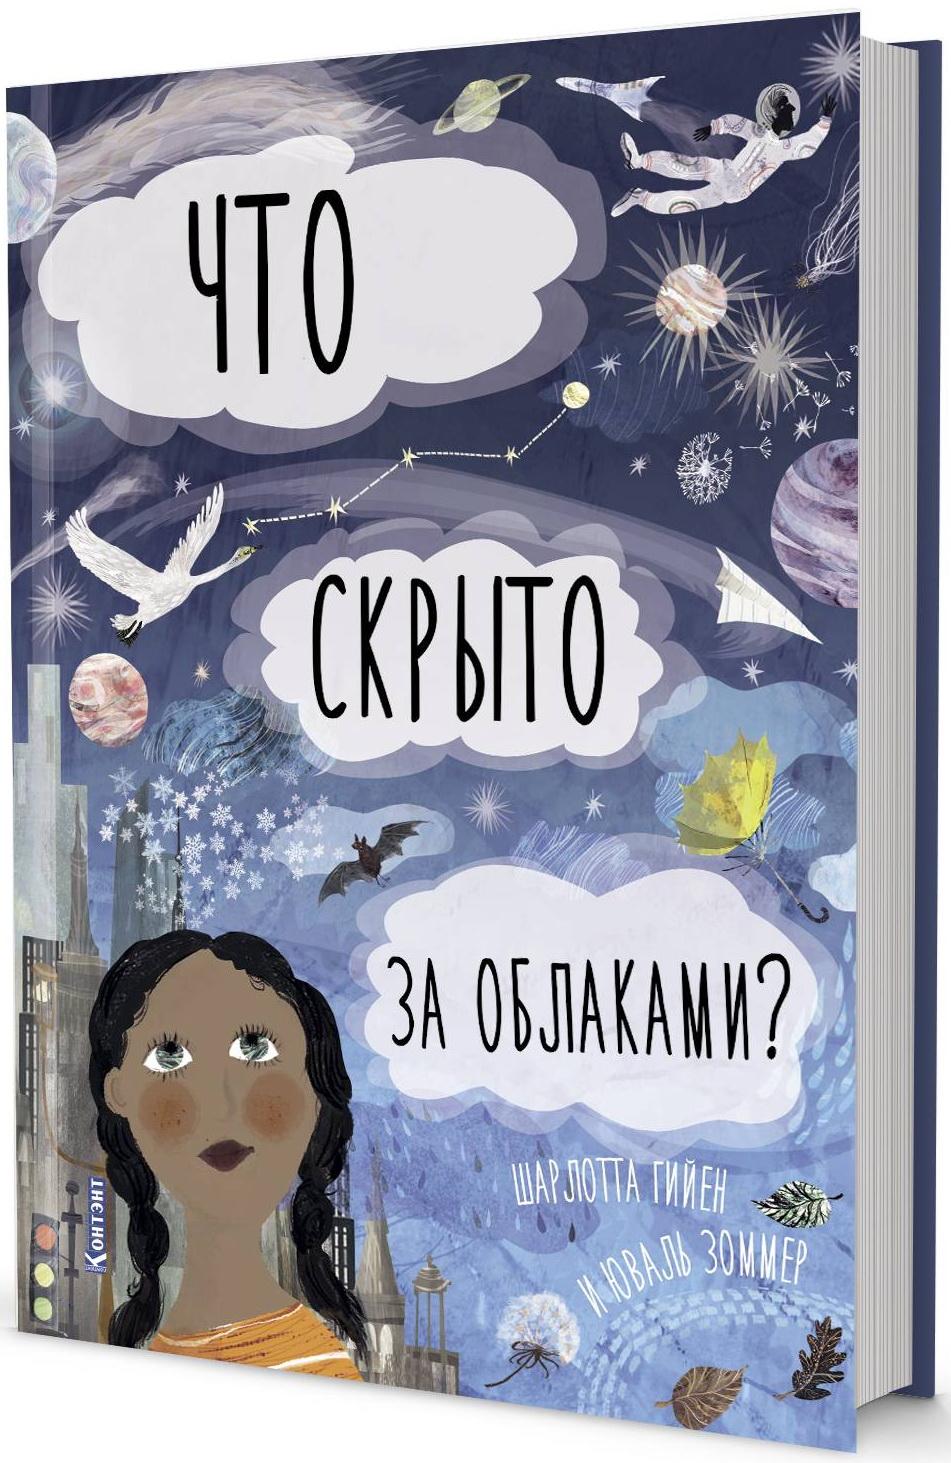 ДЛ: Что скрыто за облаками? Книга-раскладушка для детей и взрослых